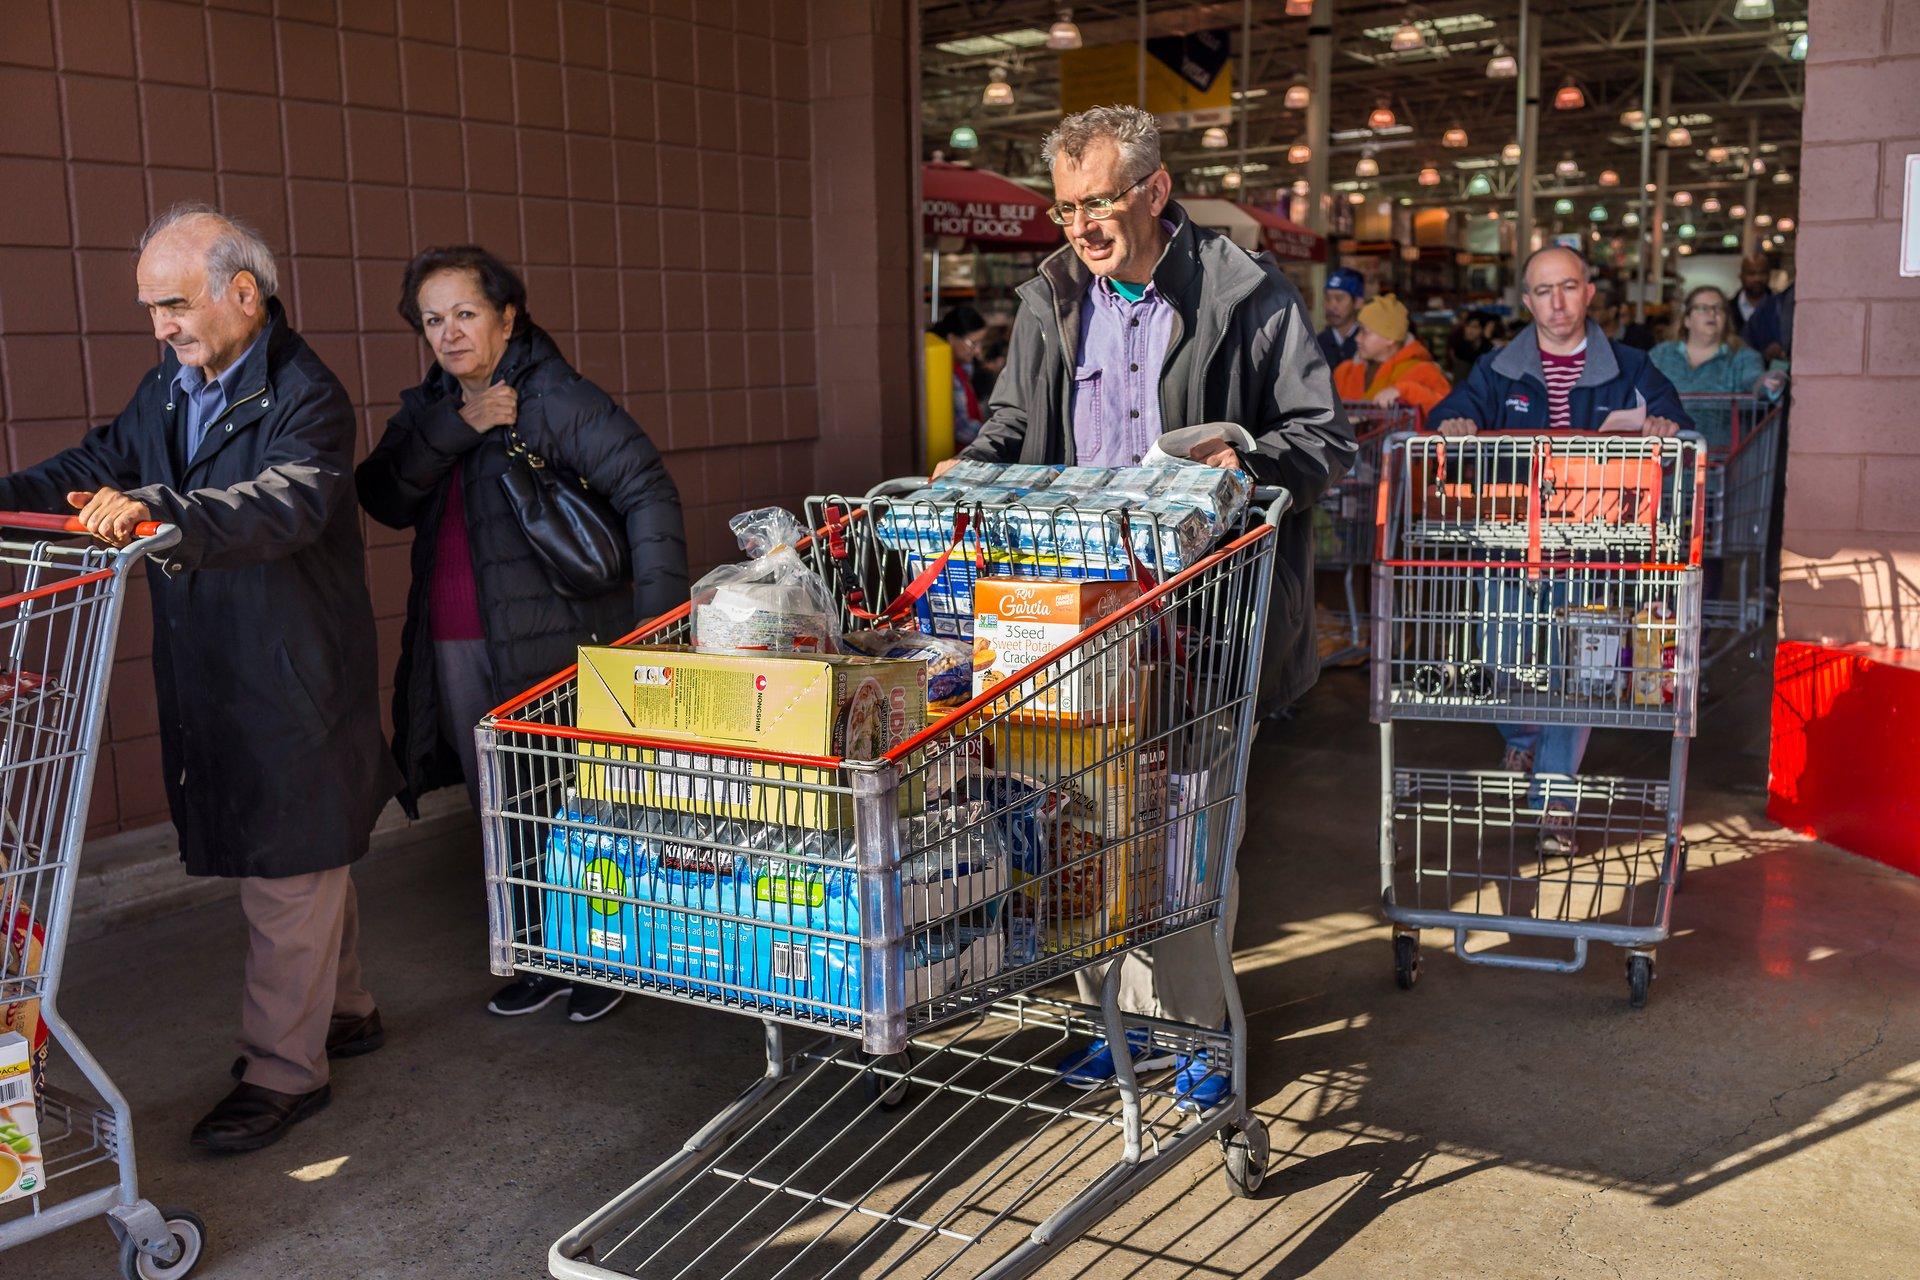 Senior Costco shopper